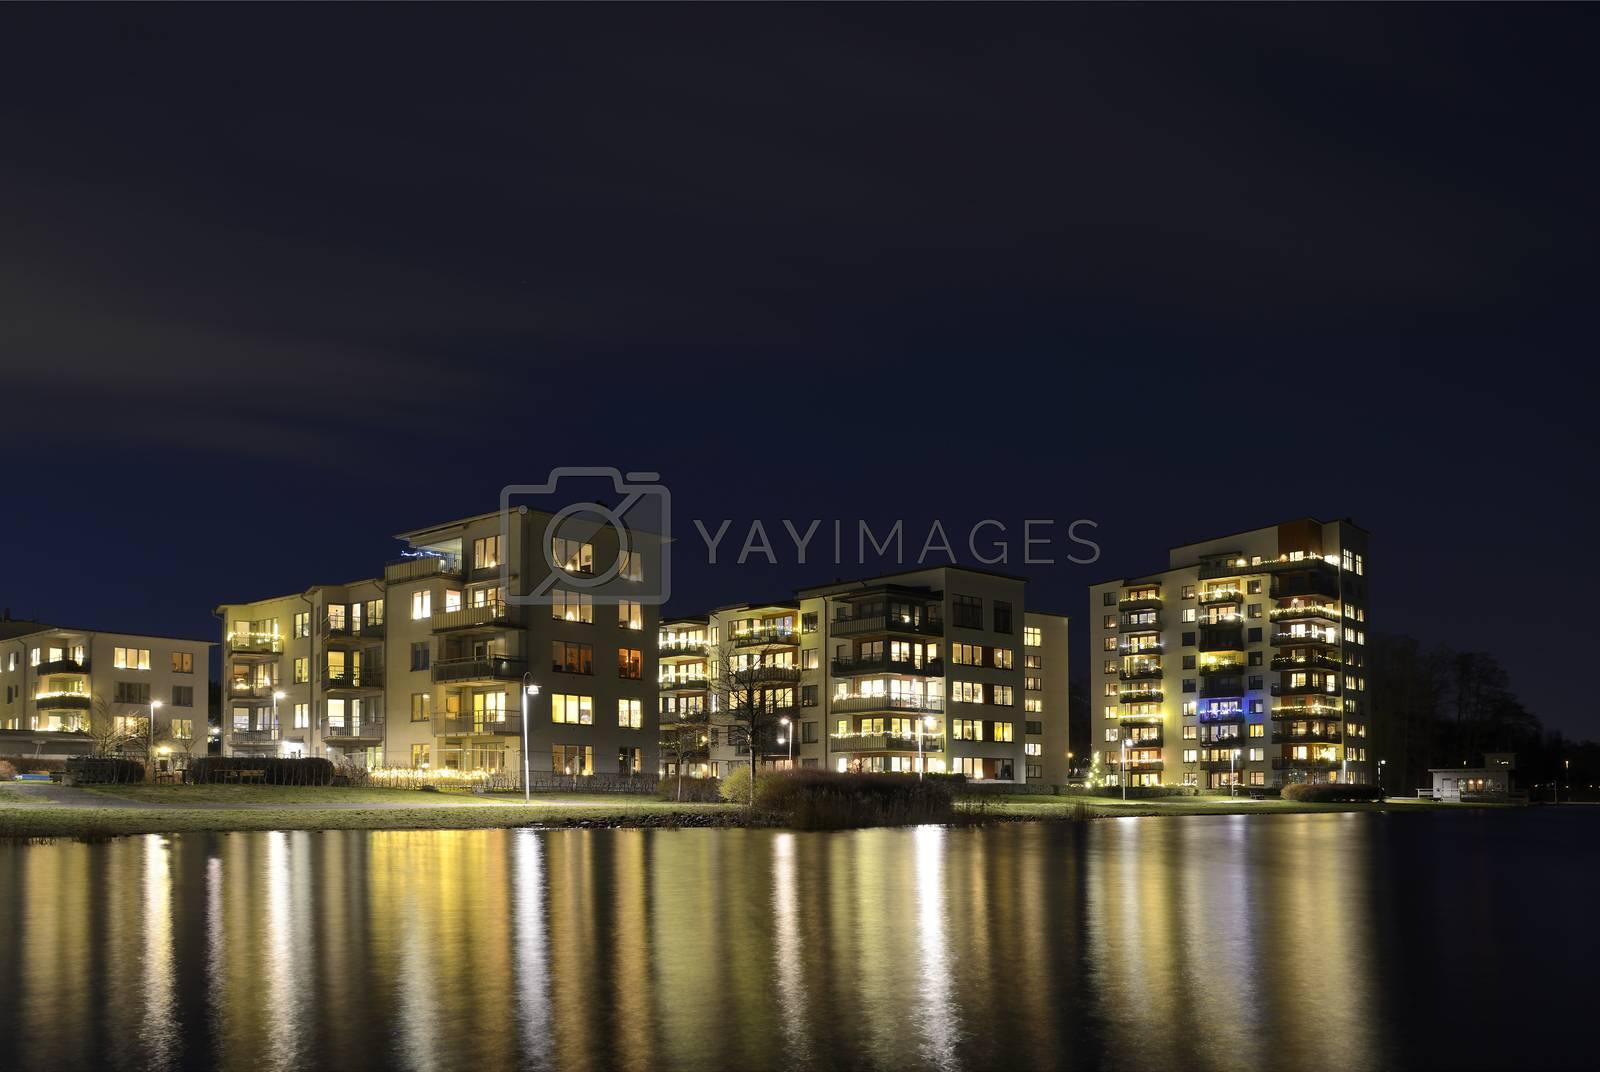 Modern apartment buildings, Liljeholmen in Stockholm - Sweden